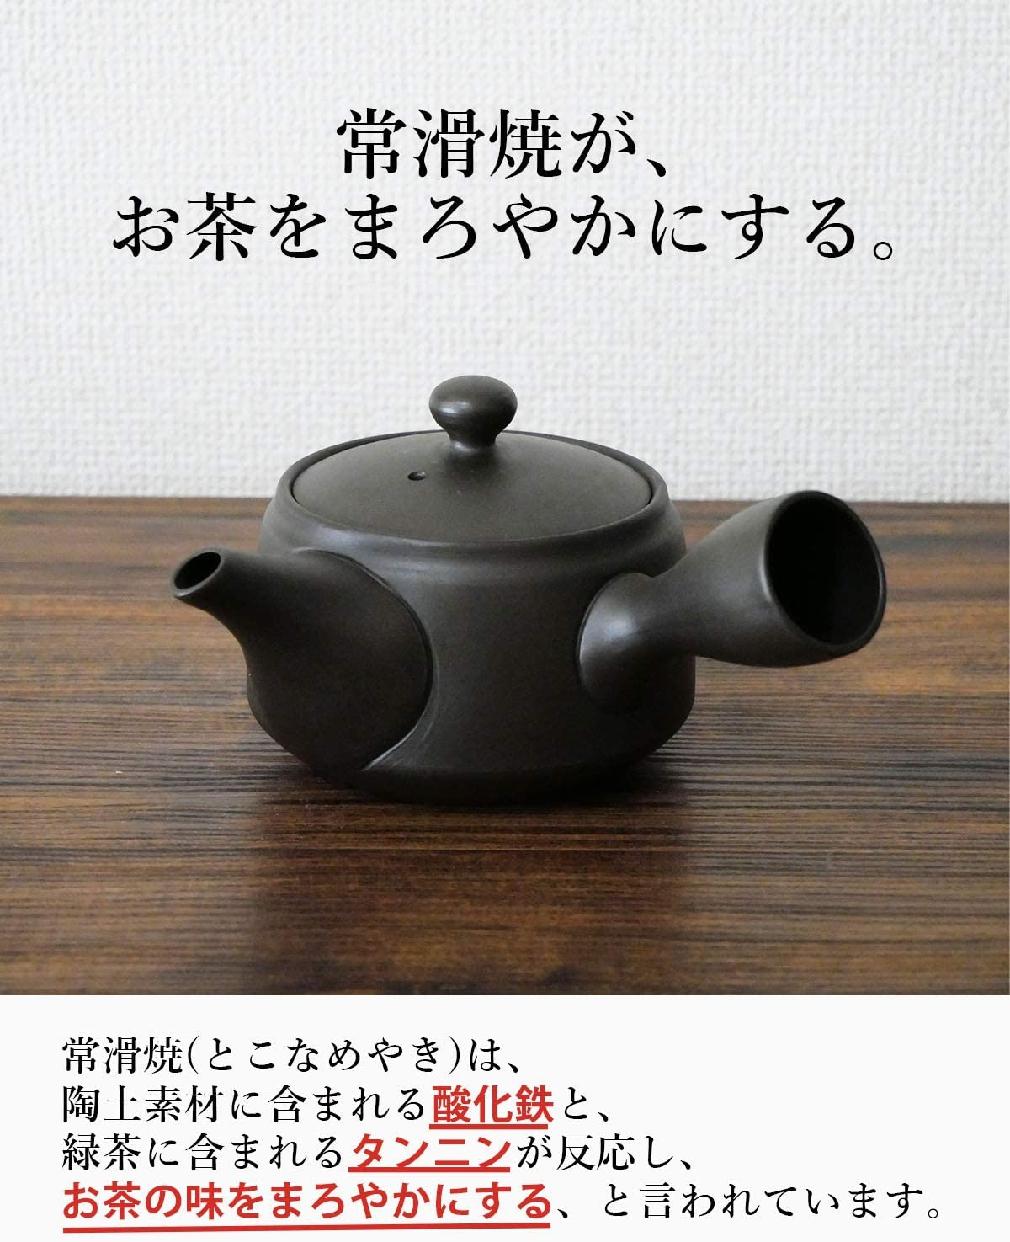 喫茶去 職人による手描き急須 常滑焼 桜 山柄 黒の商品画像4